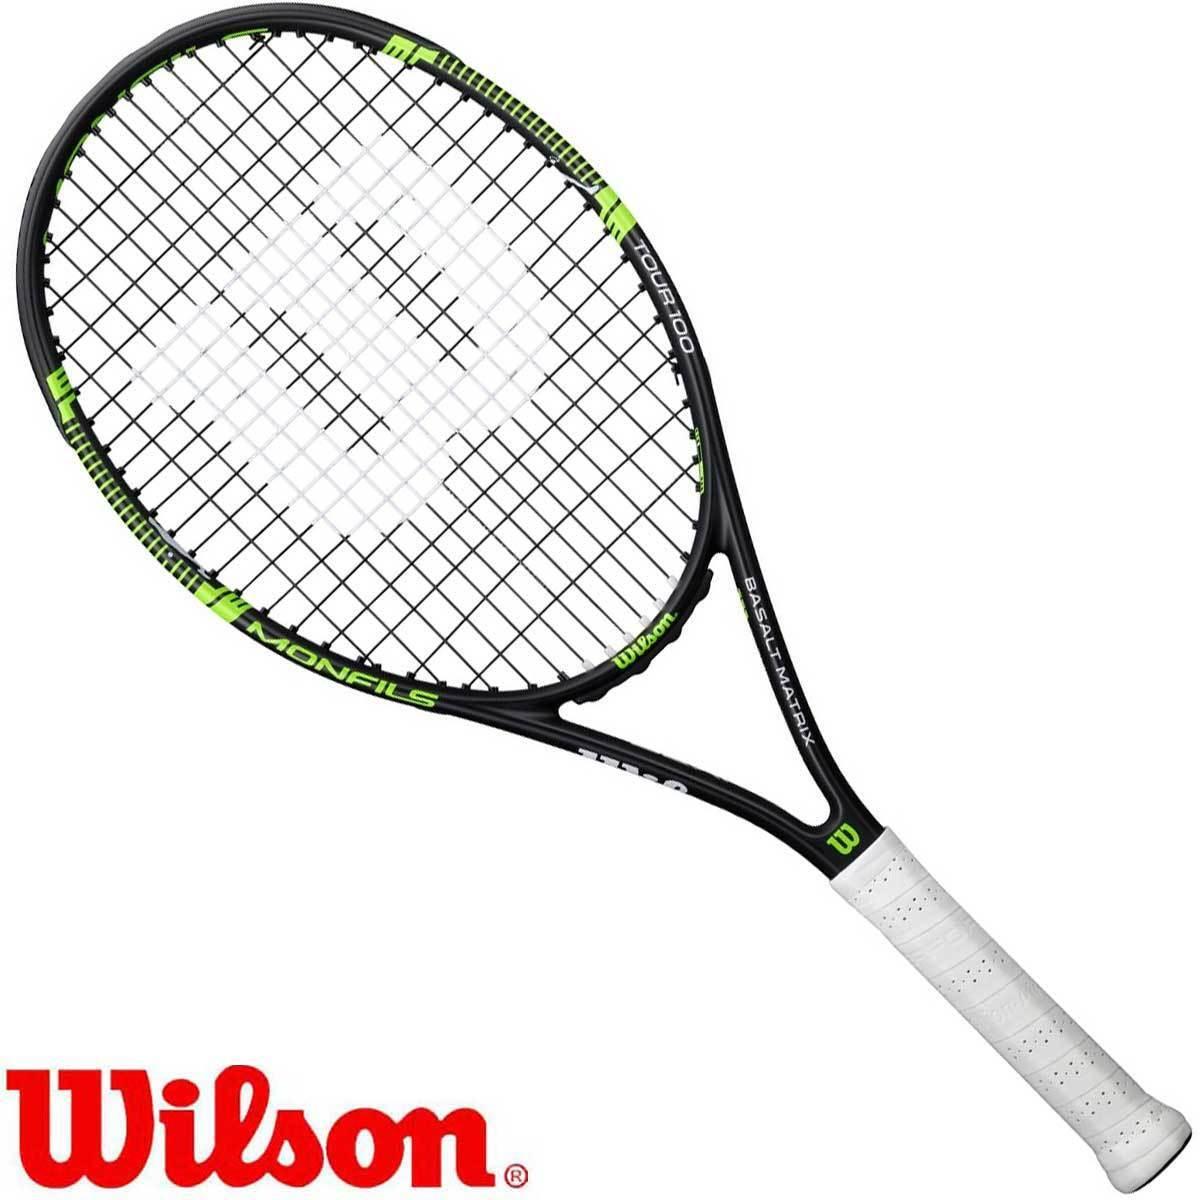 Wilson MONFILS TOUR 100 - Tennisschläger besaitet    - EX-  - Sonderpreis 5cb52f